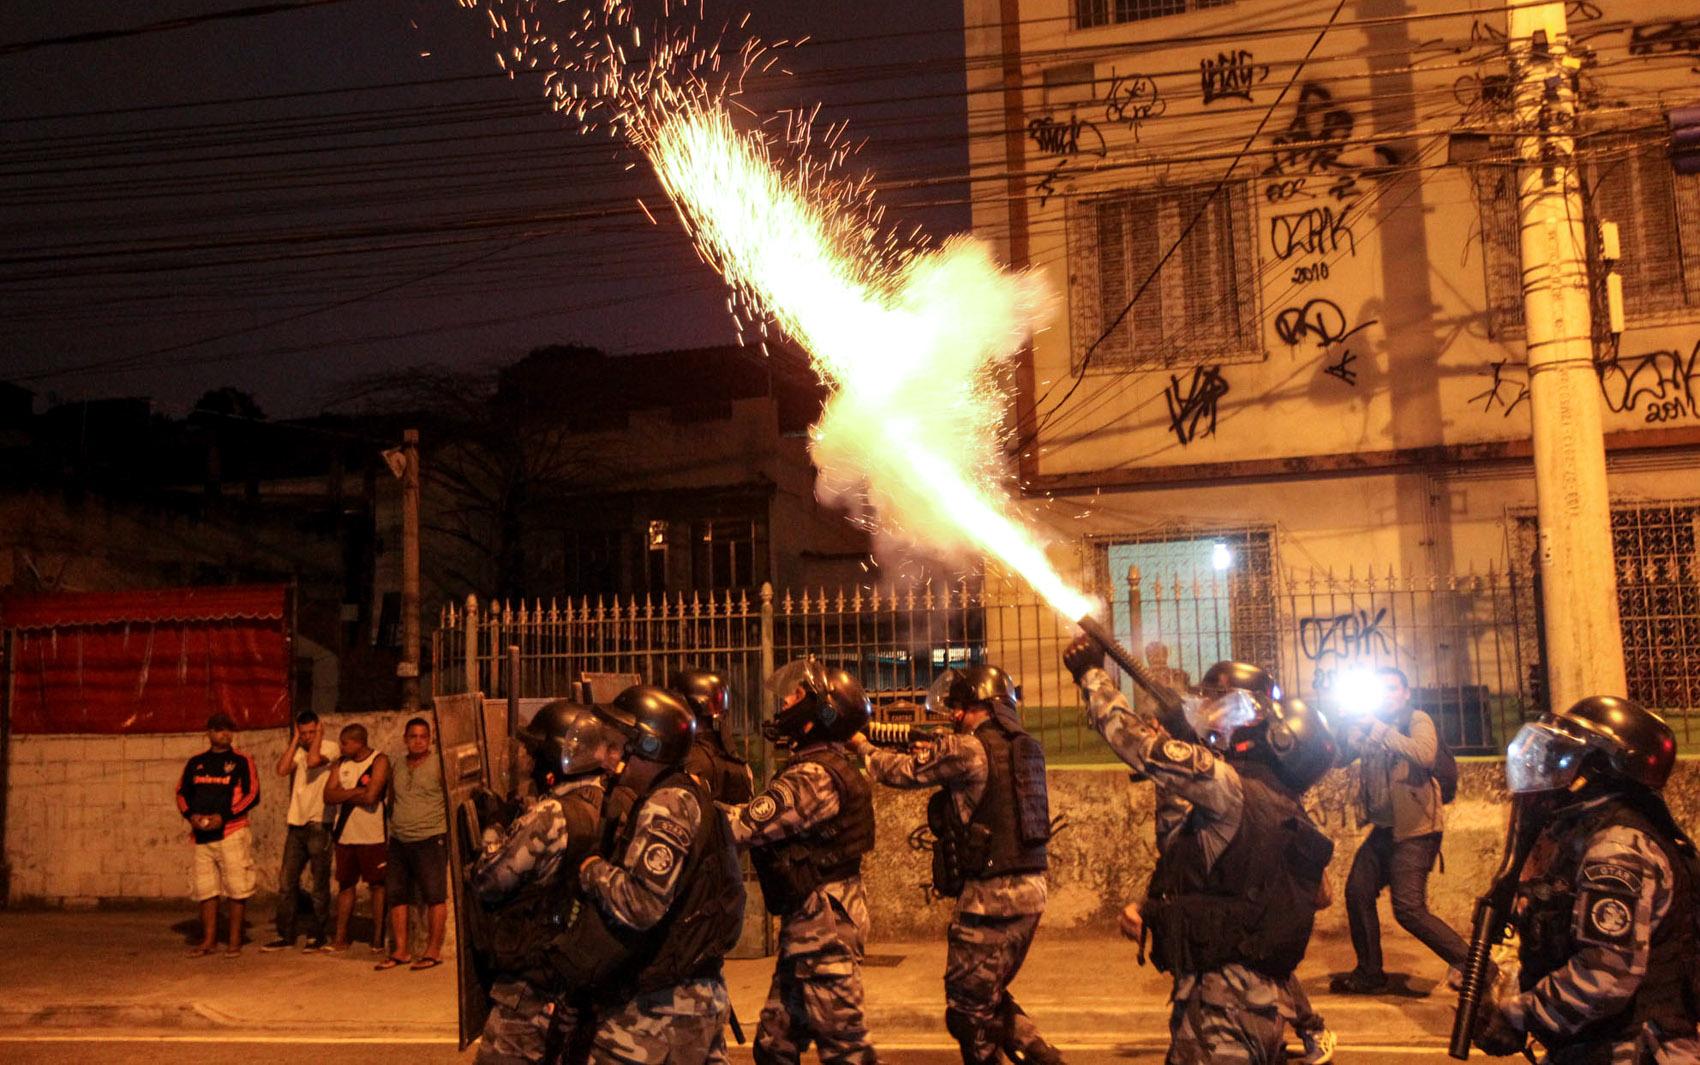 Policiais usam bombas de efeito moral para dispersar grupo de moradores que protesta contra a morte do menino Ryan Gabriel, de 4 anos, na zona norte do Rio de Janeiro. Ryan morreu durante um confronto entre traficantes em Madureira no domingo (27)